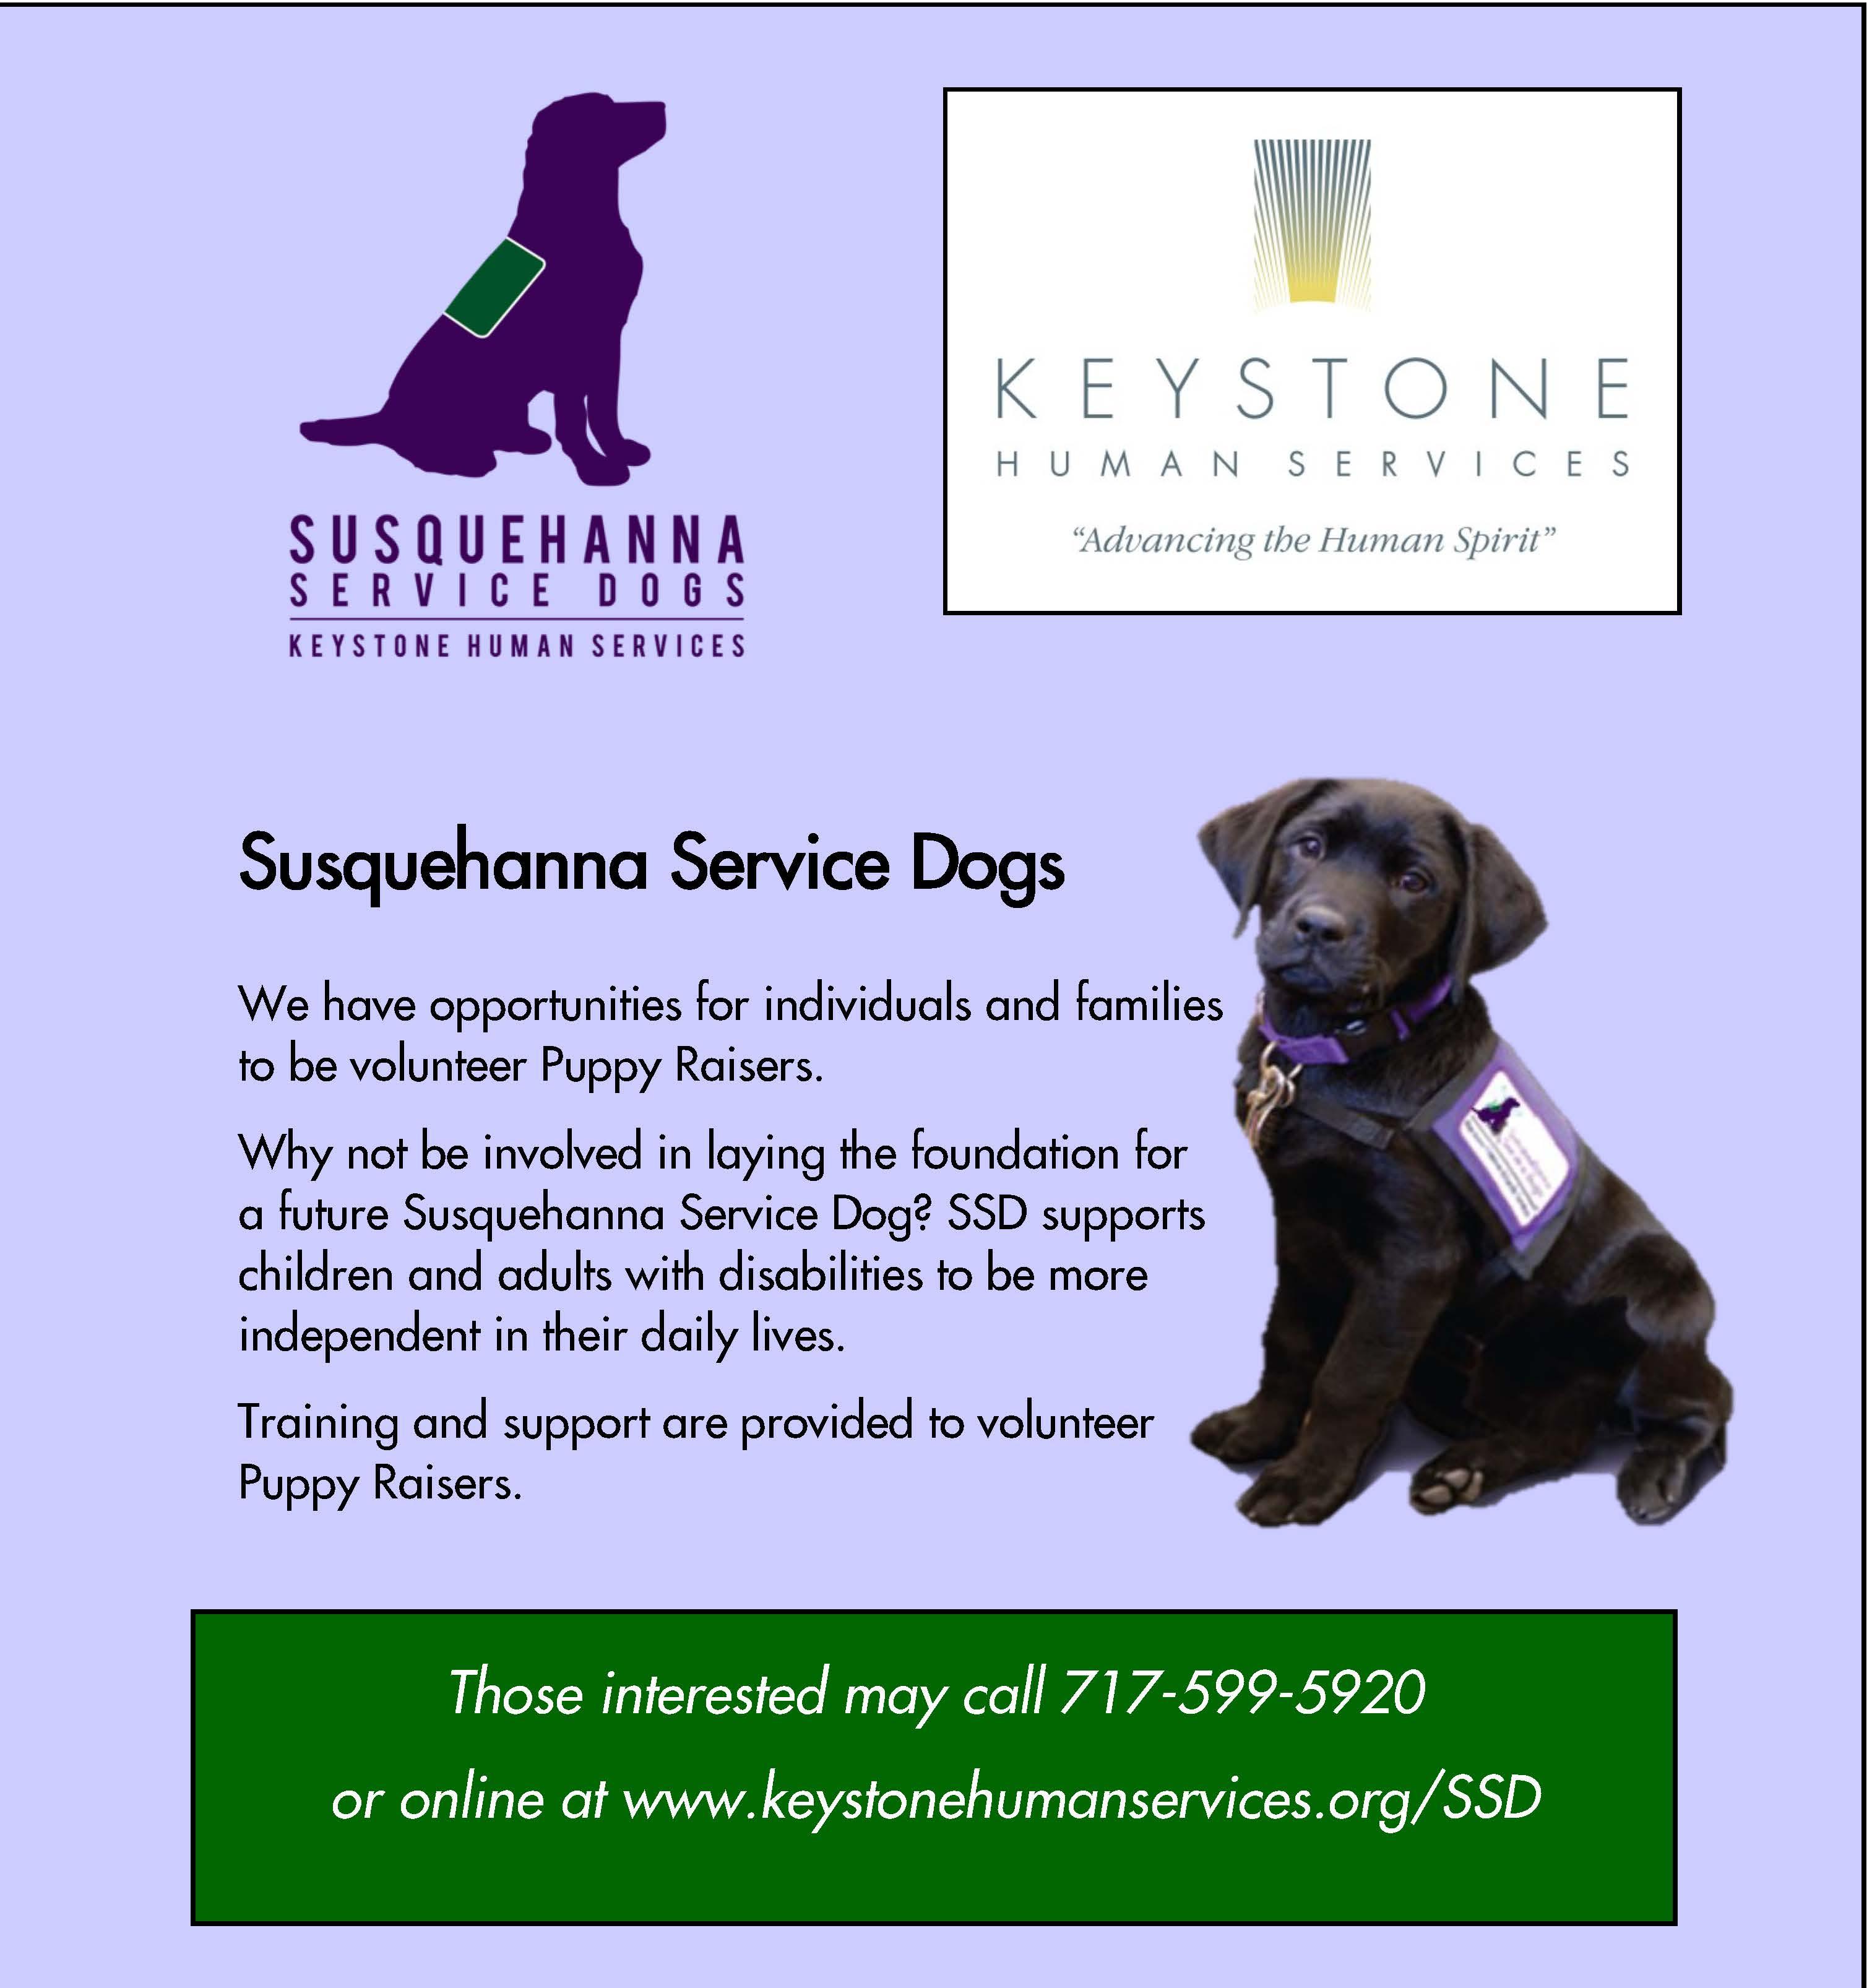 Susquehanna Service Dogs Facebook